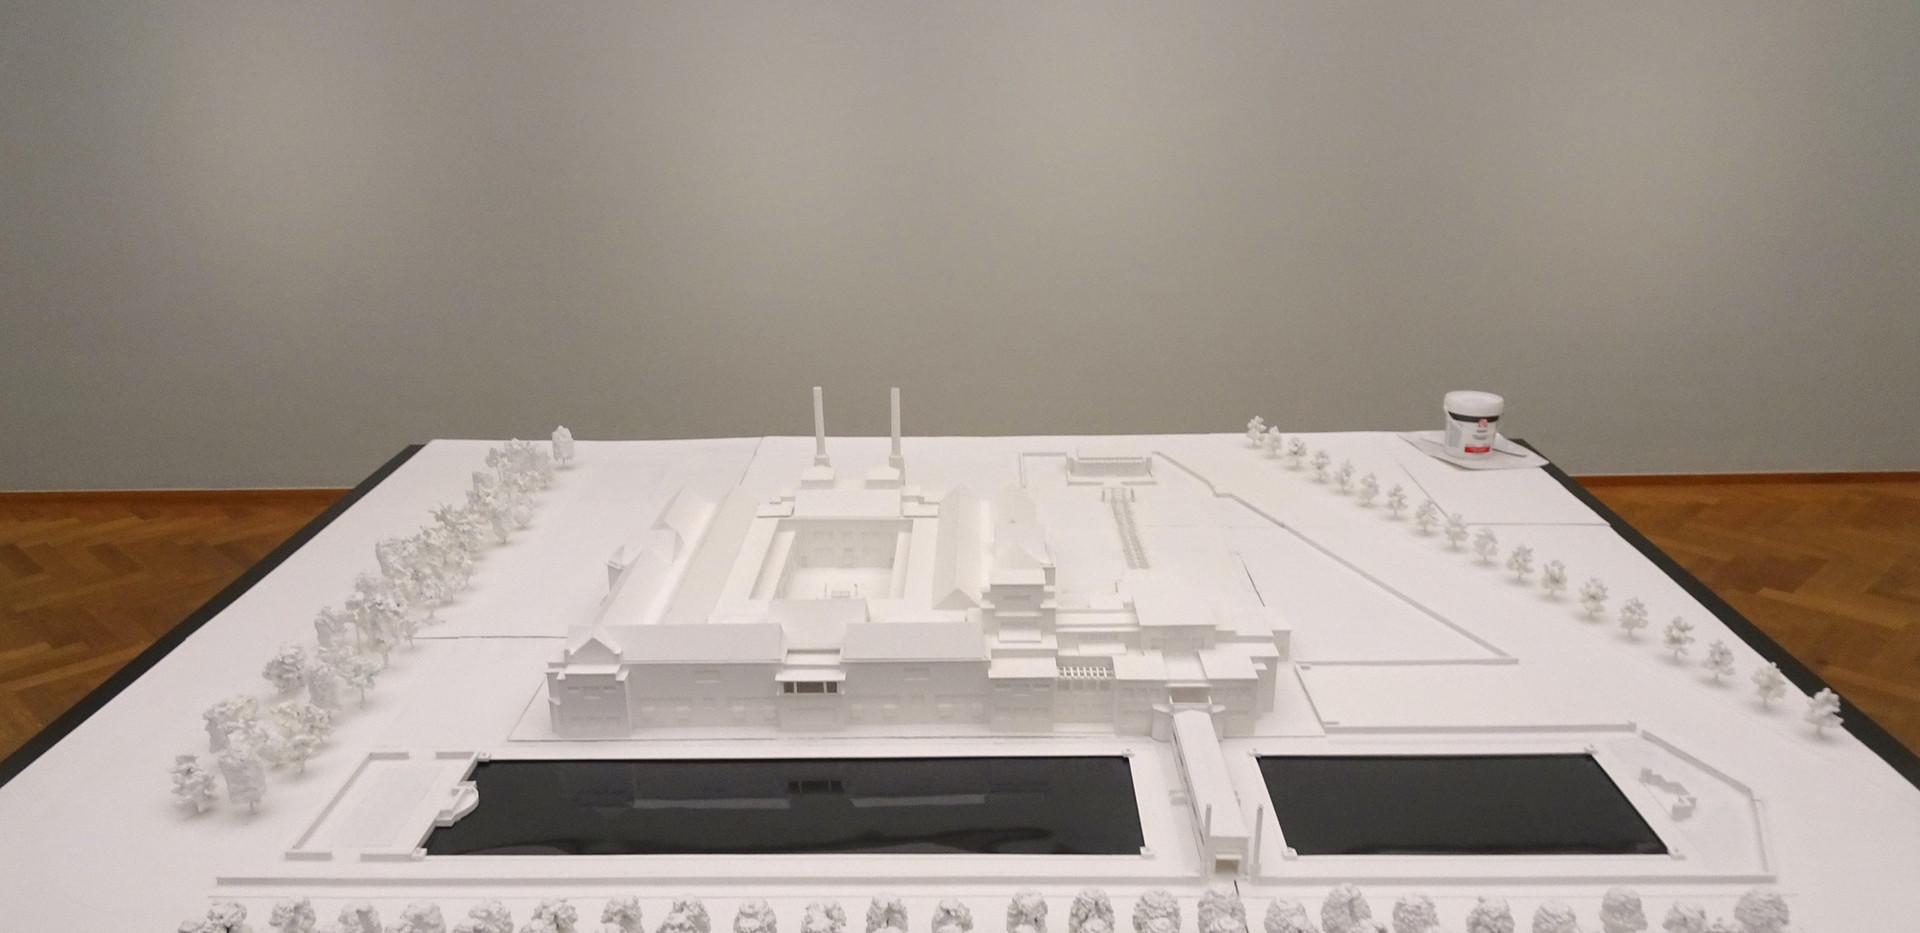 De maquette in het museum